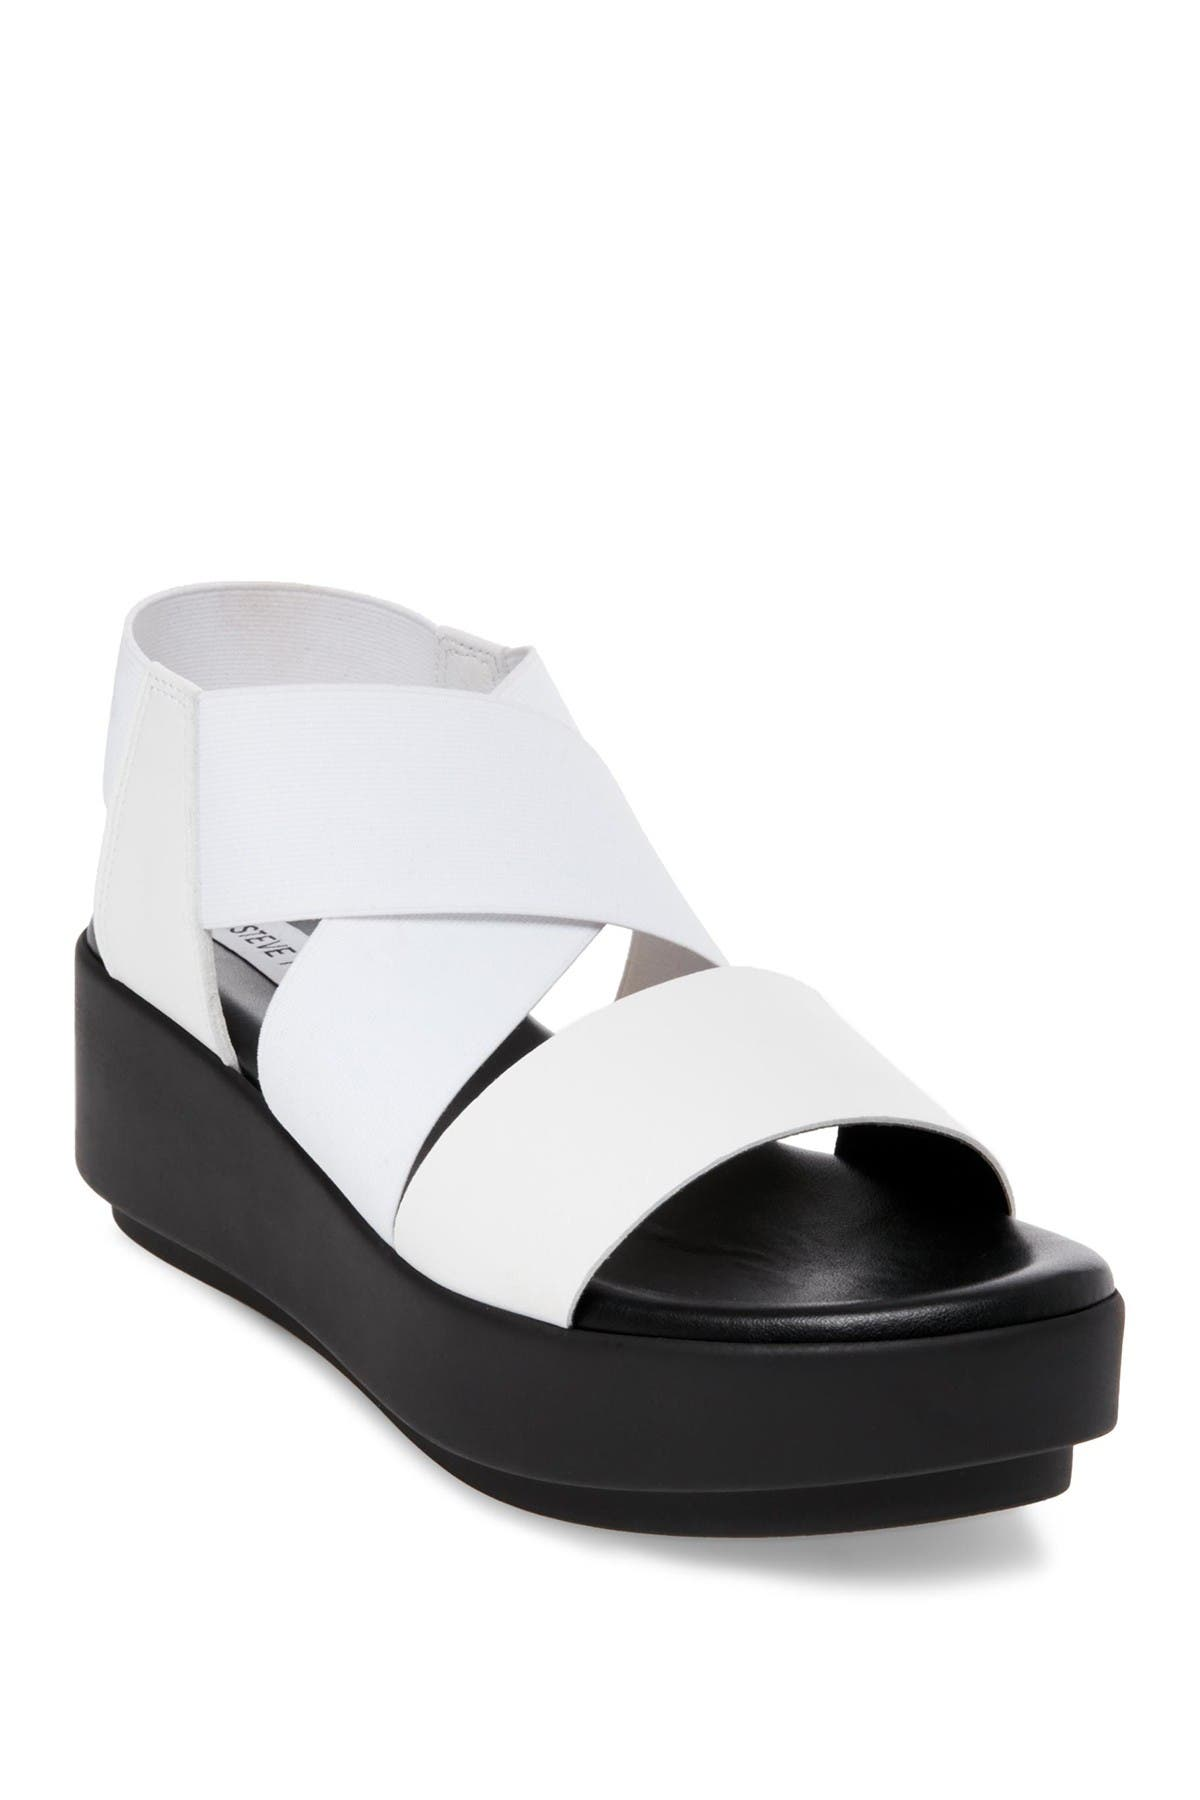 black platform sandals nordstrom